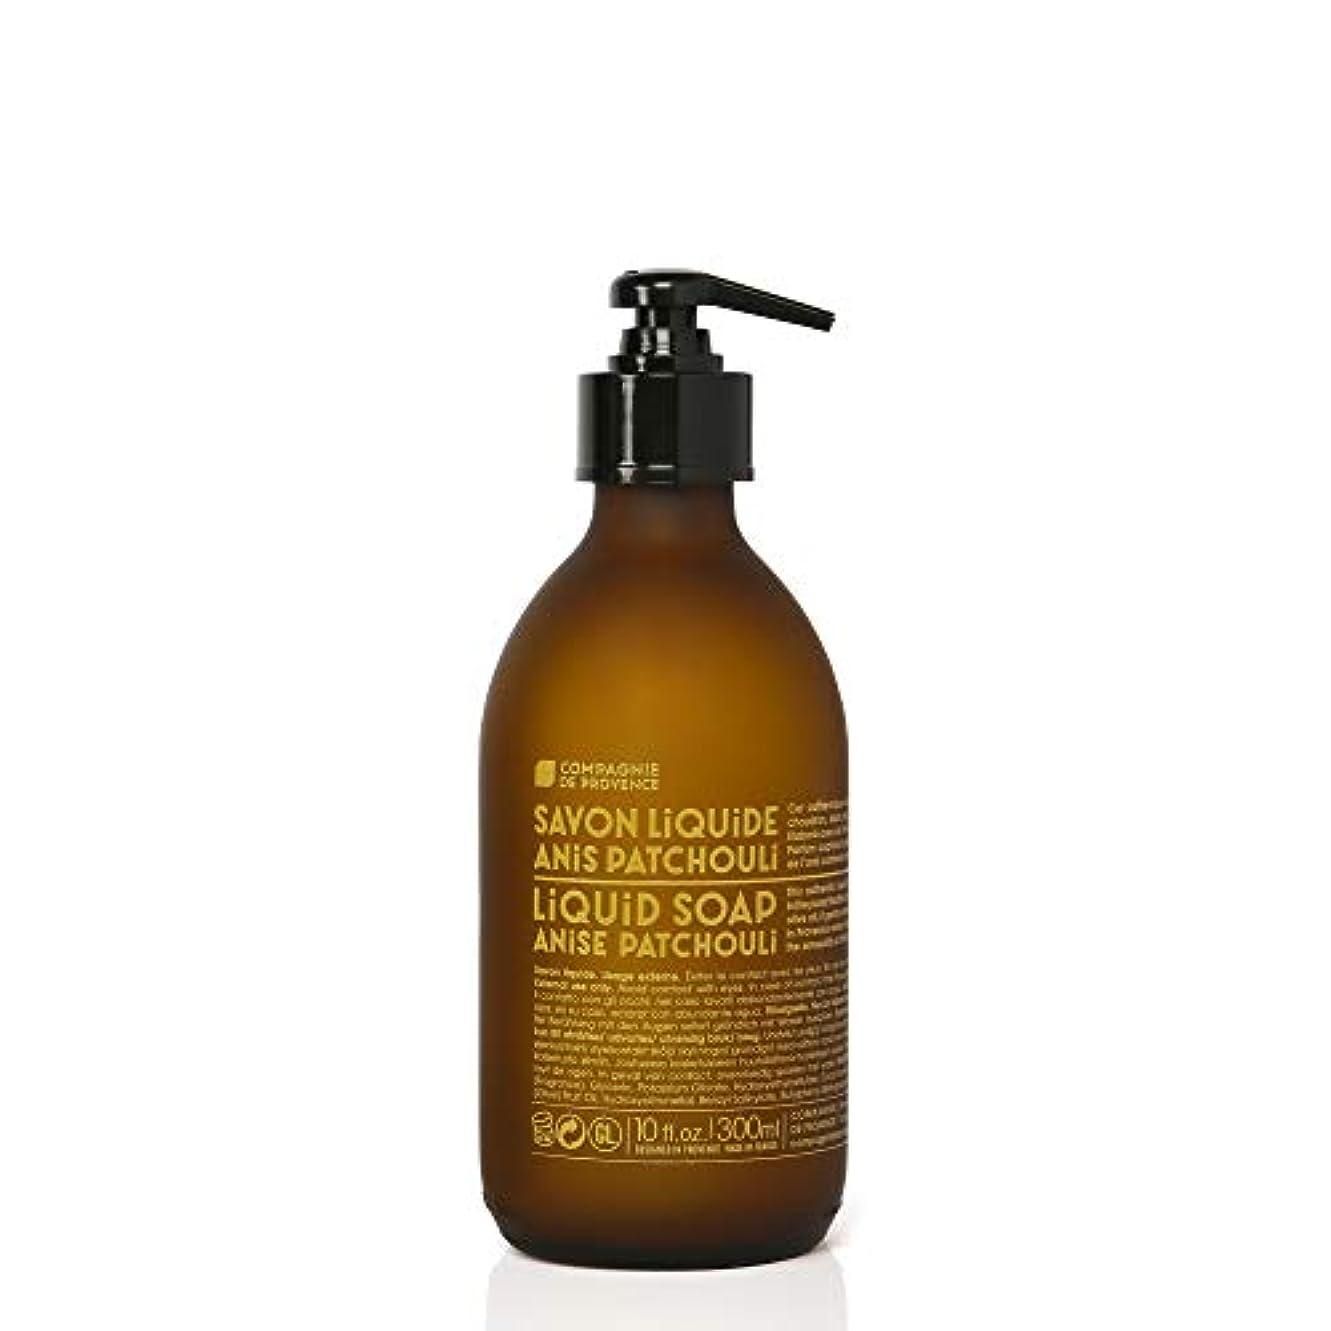 オンス悪のエトナ山Compagnie de ProvenceマルセイユLiquid Soap Made in France 16.9 FL OZガラスボトル